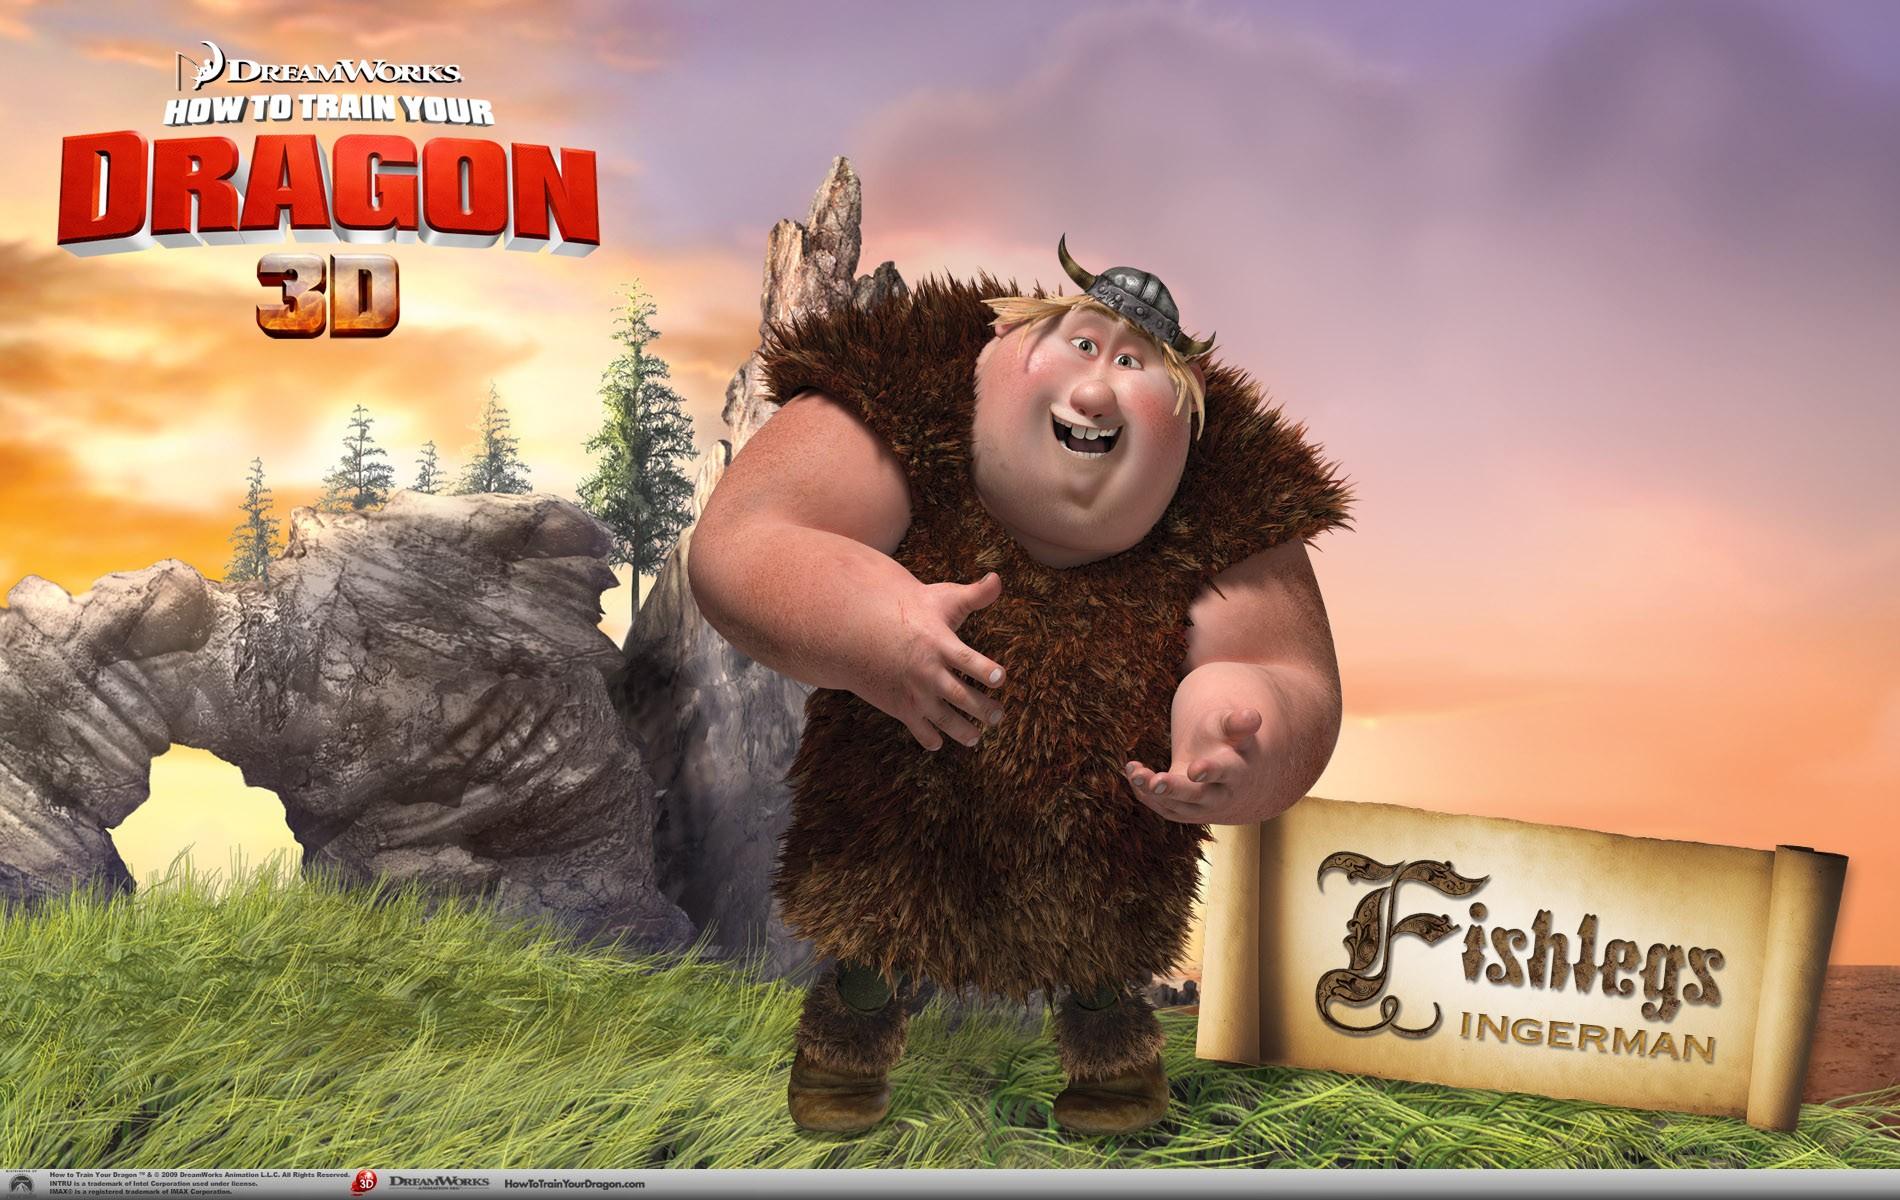 Un wallpaper ufficiale di Fishlegs per il film d'animazione, Dragon Trainer